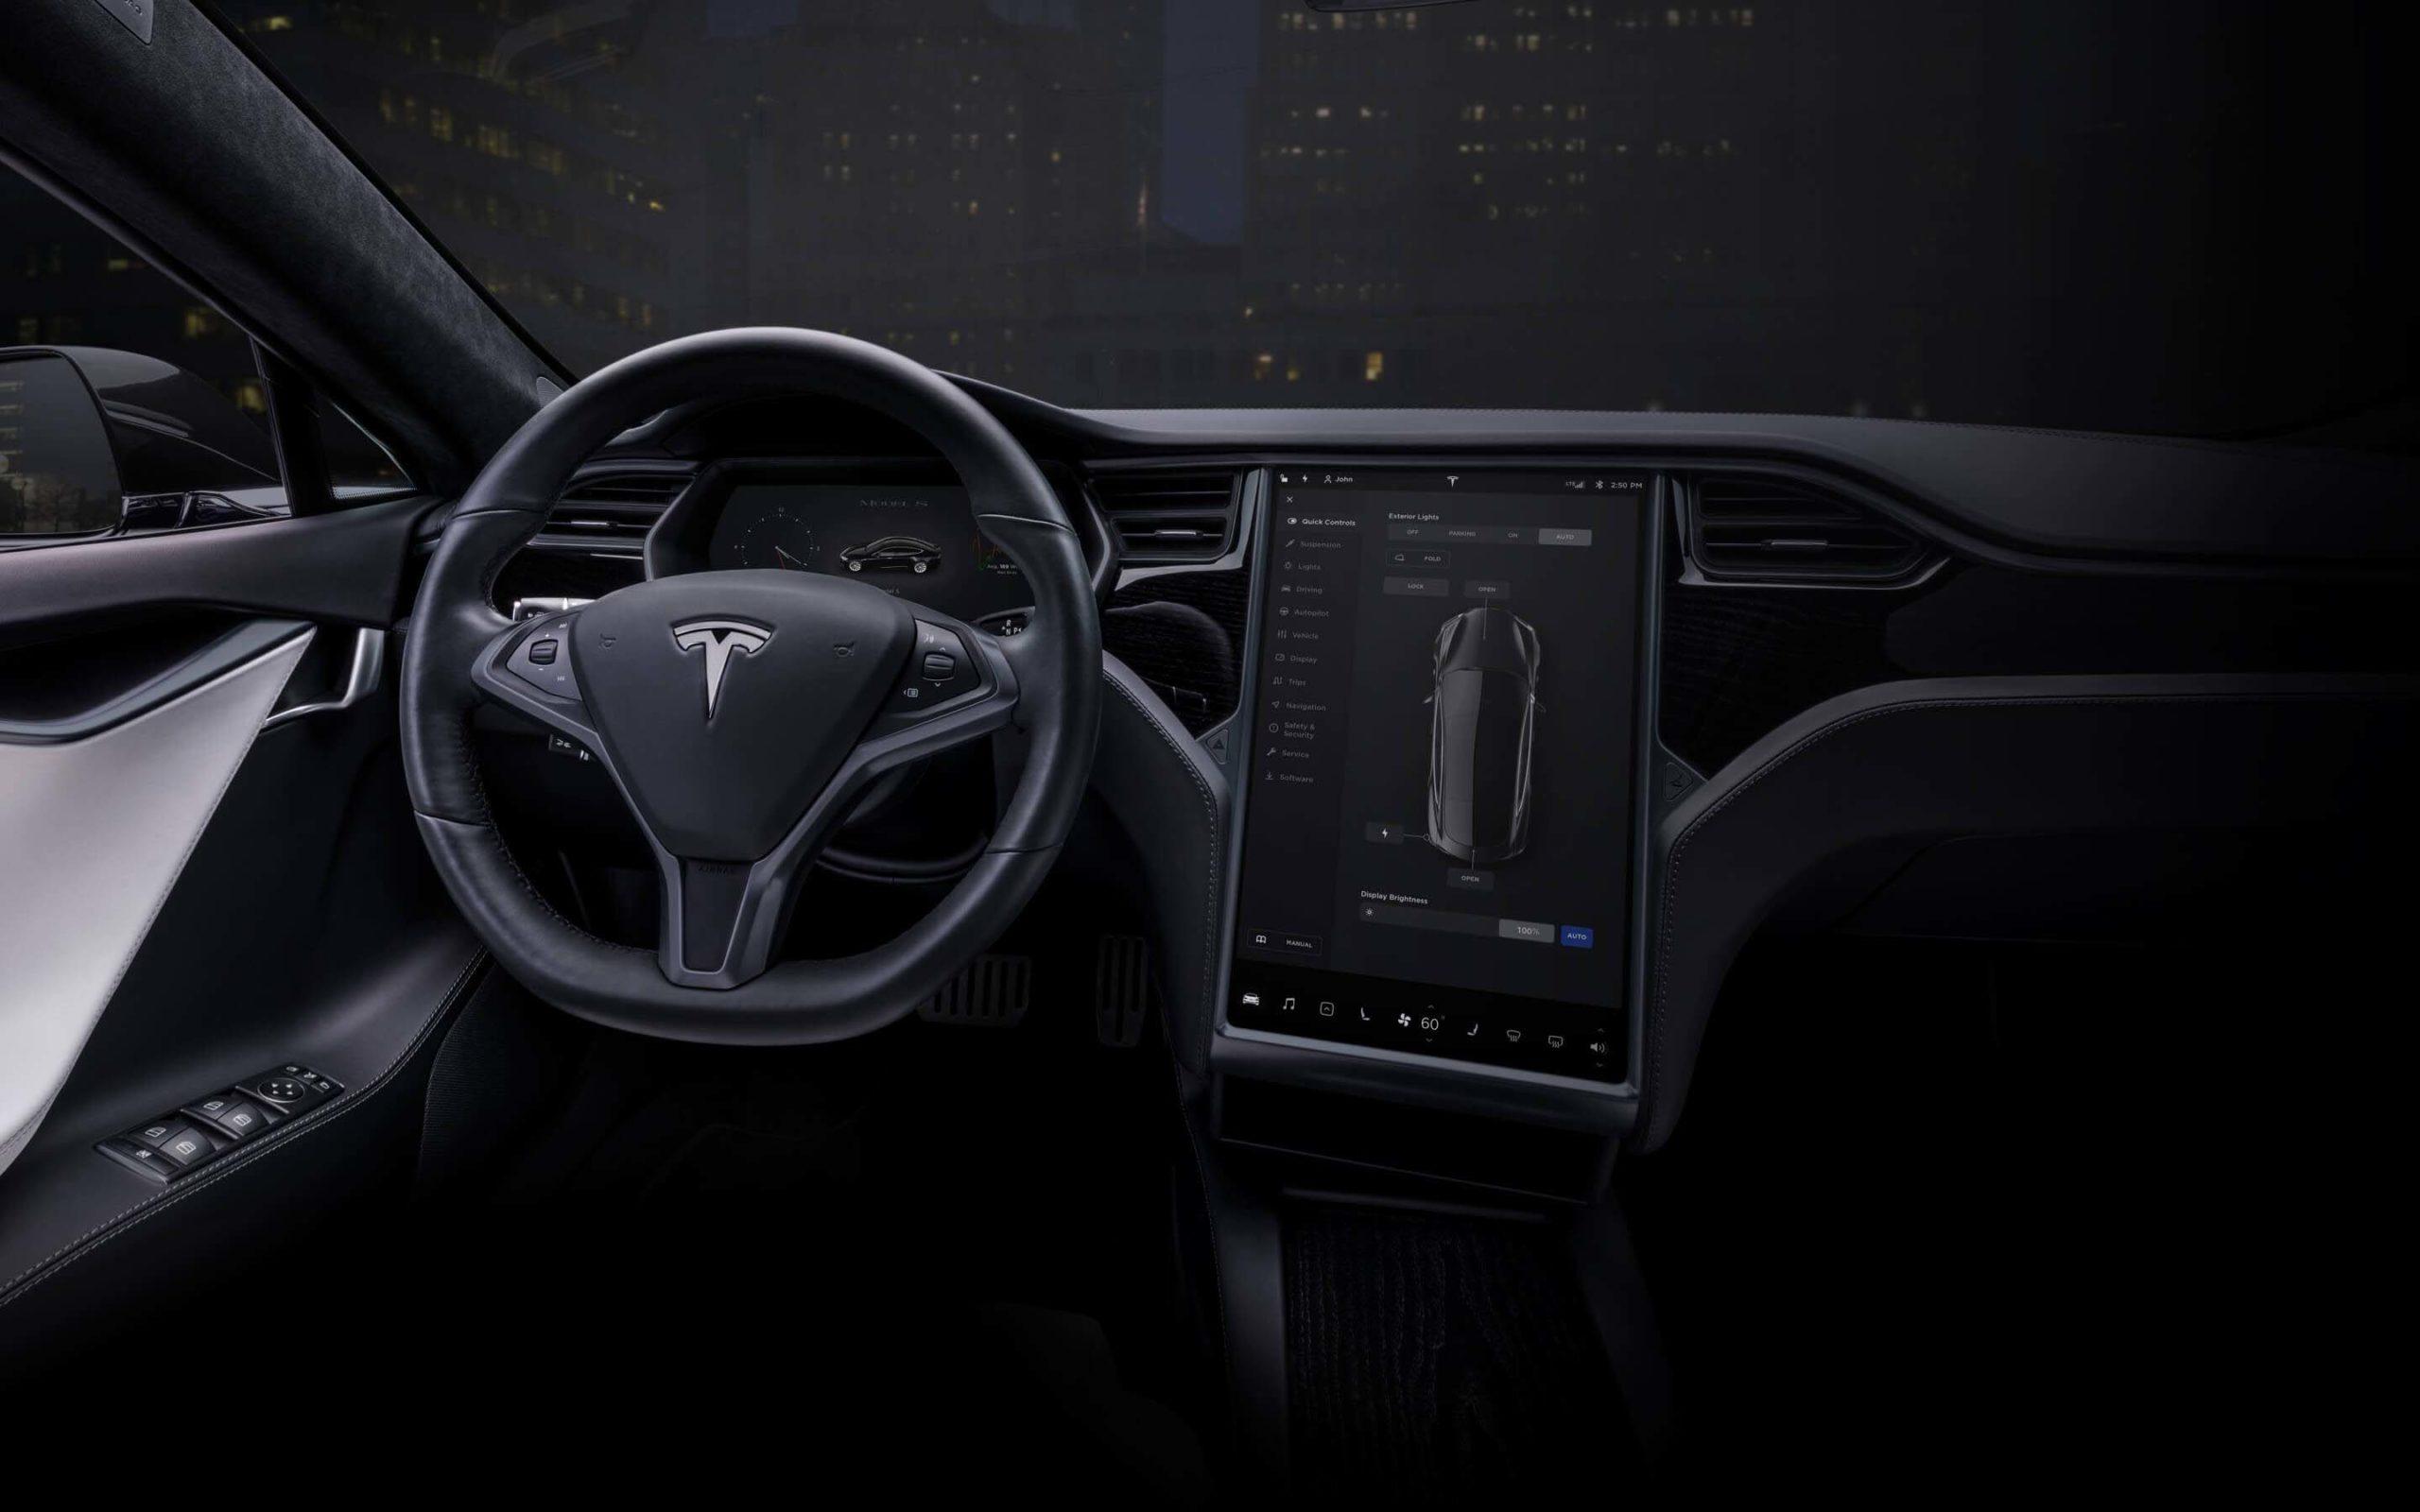 2020 Model S interior